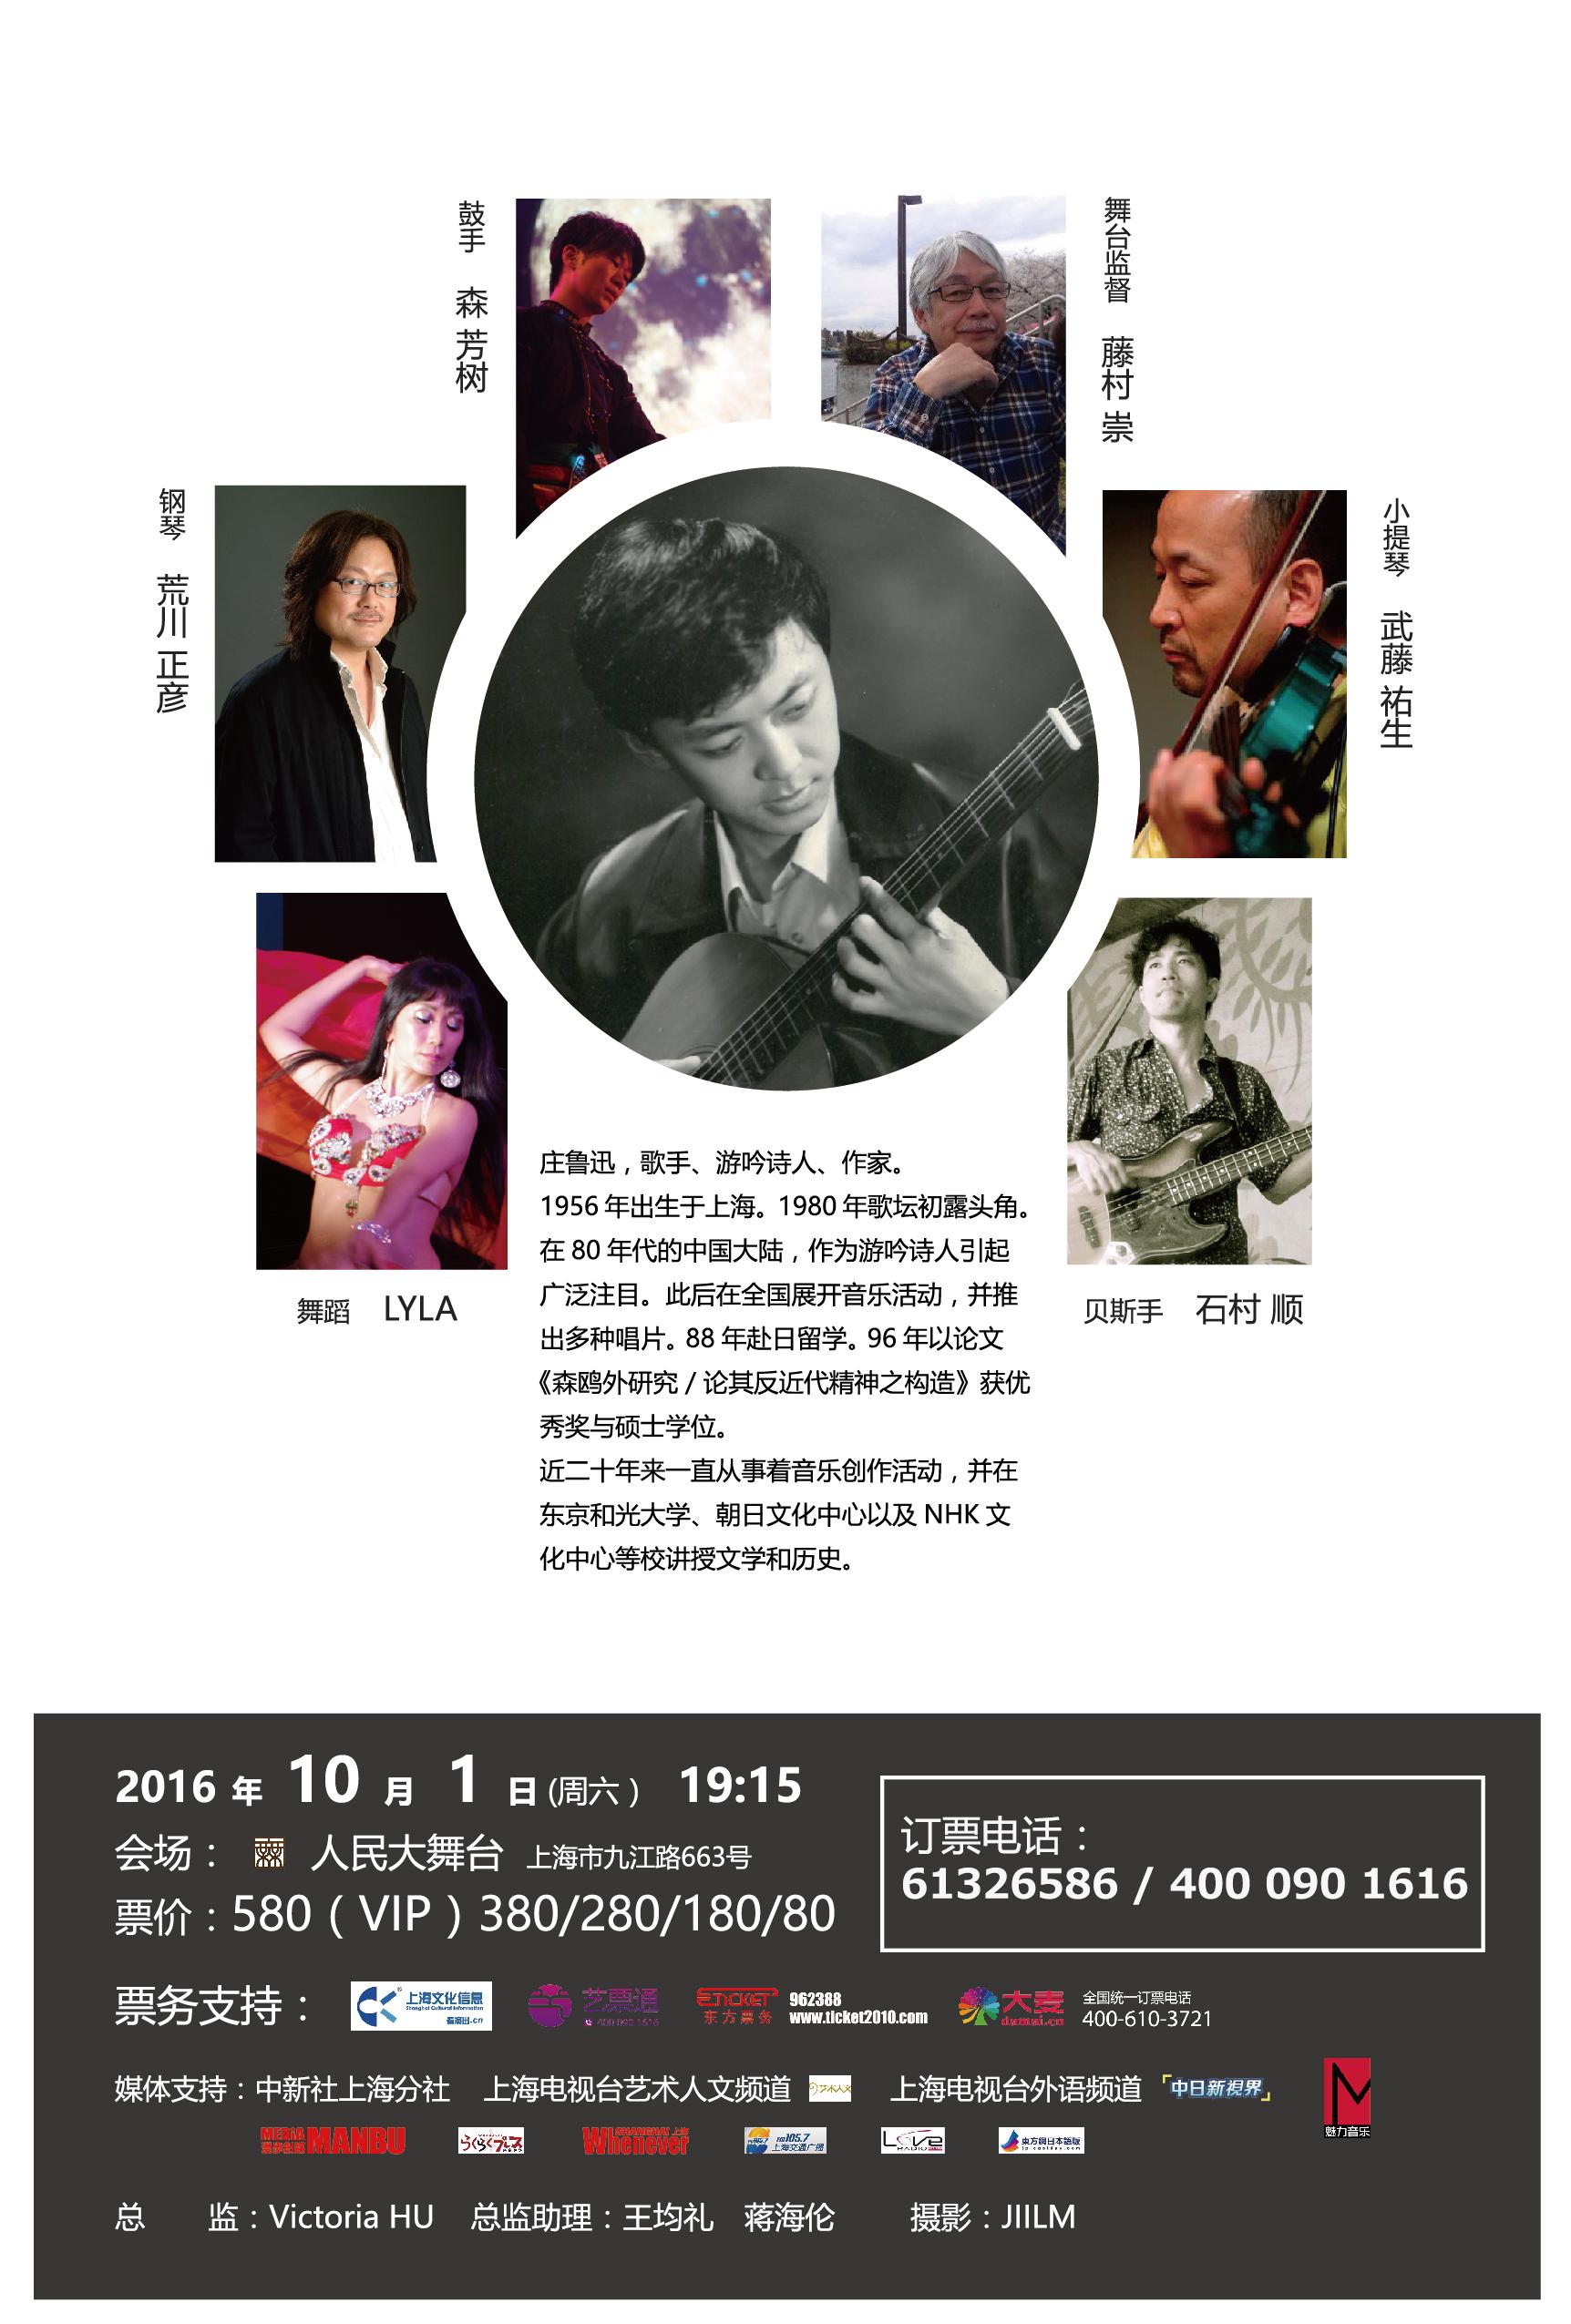 2016/10/1 人民大舞台